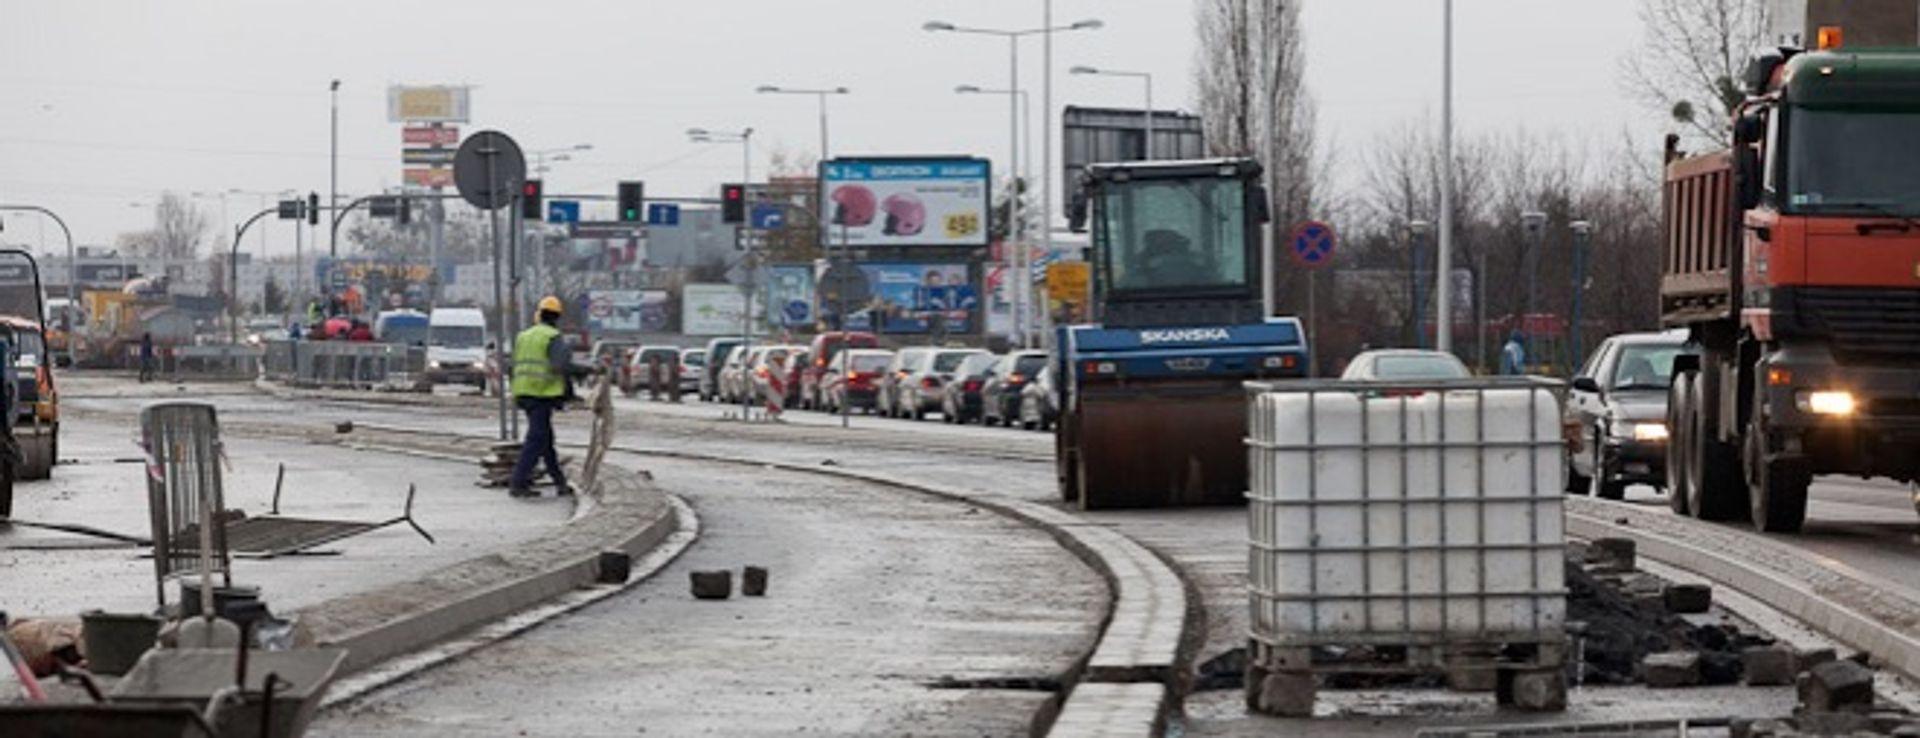 [Wrocław] Strzegomska: mimo obietnic, pół roku po remoncie, autobusów nie przyspieszają